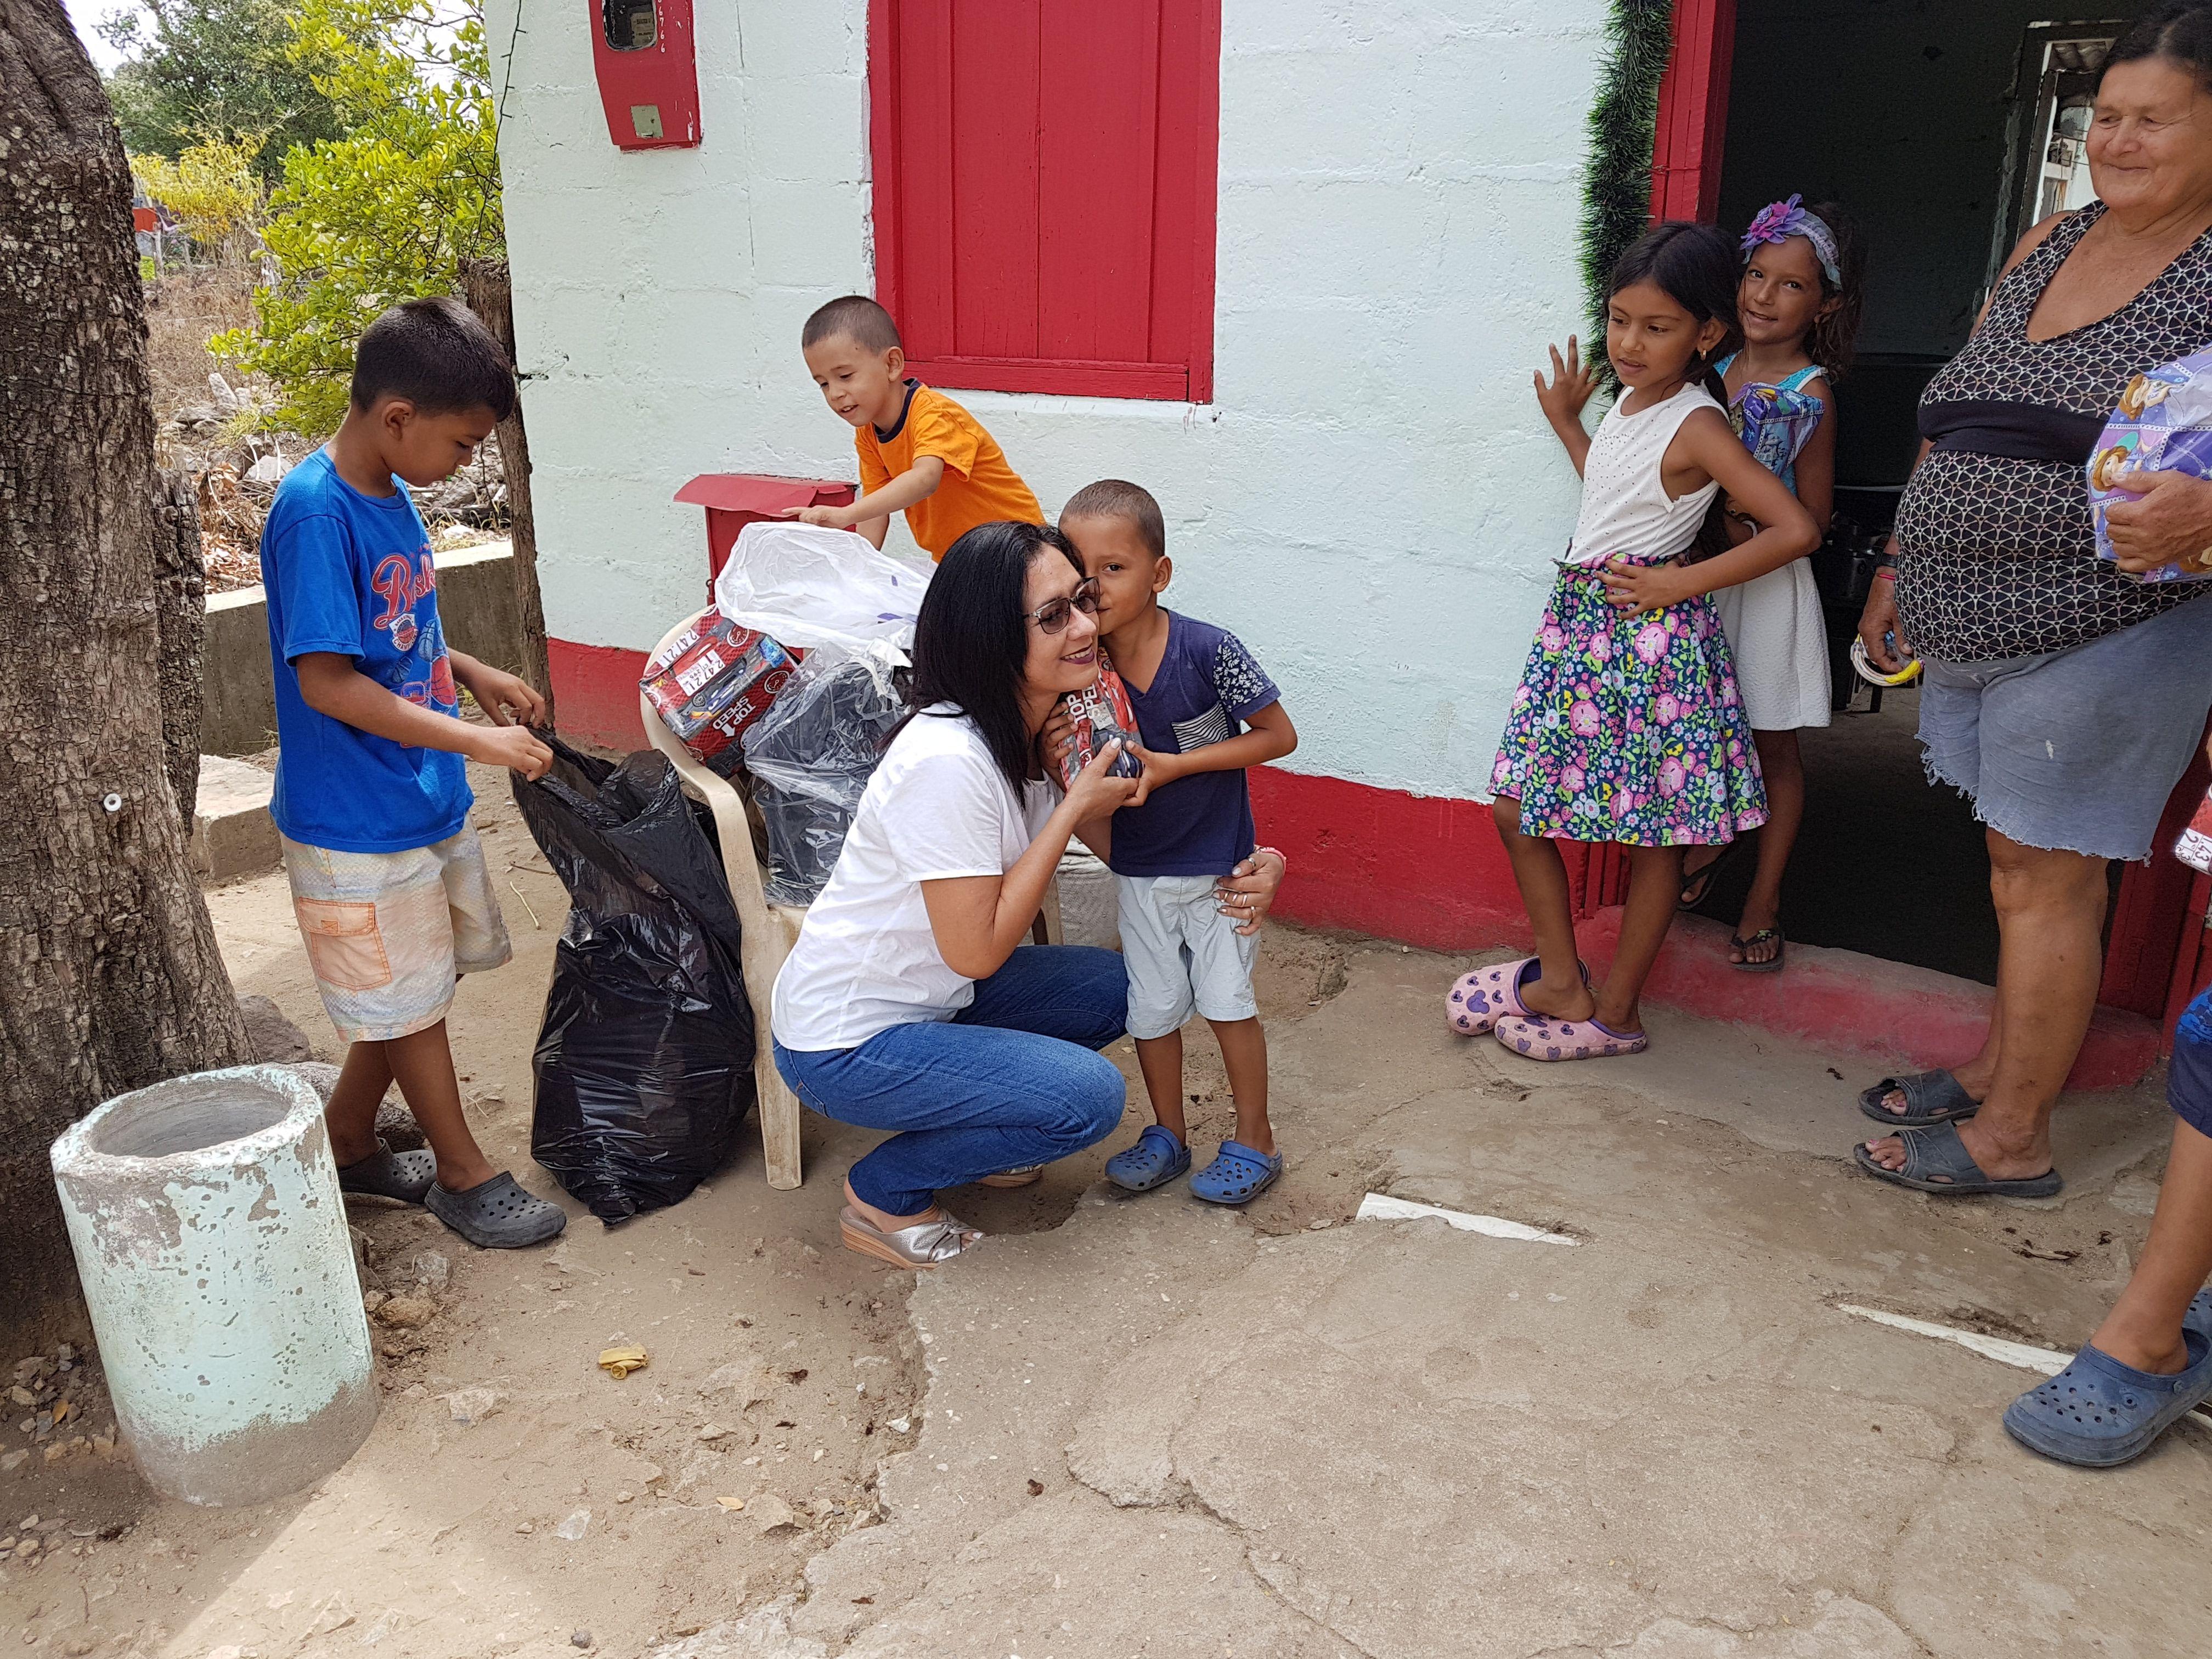 Navidad Para Los Ninos Y Ninas De Alvarado Tolima En 2020 Ninos Razones Para Sonreir Navidad